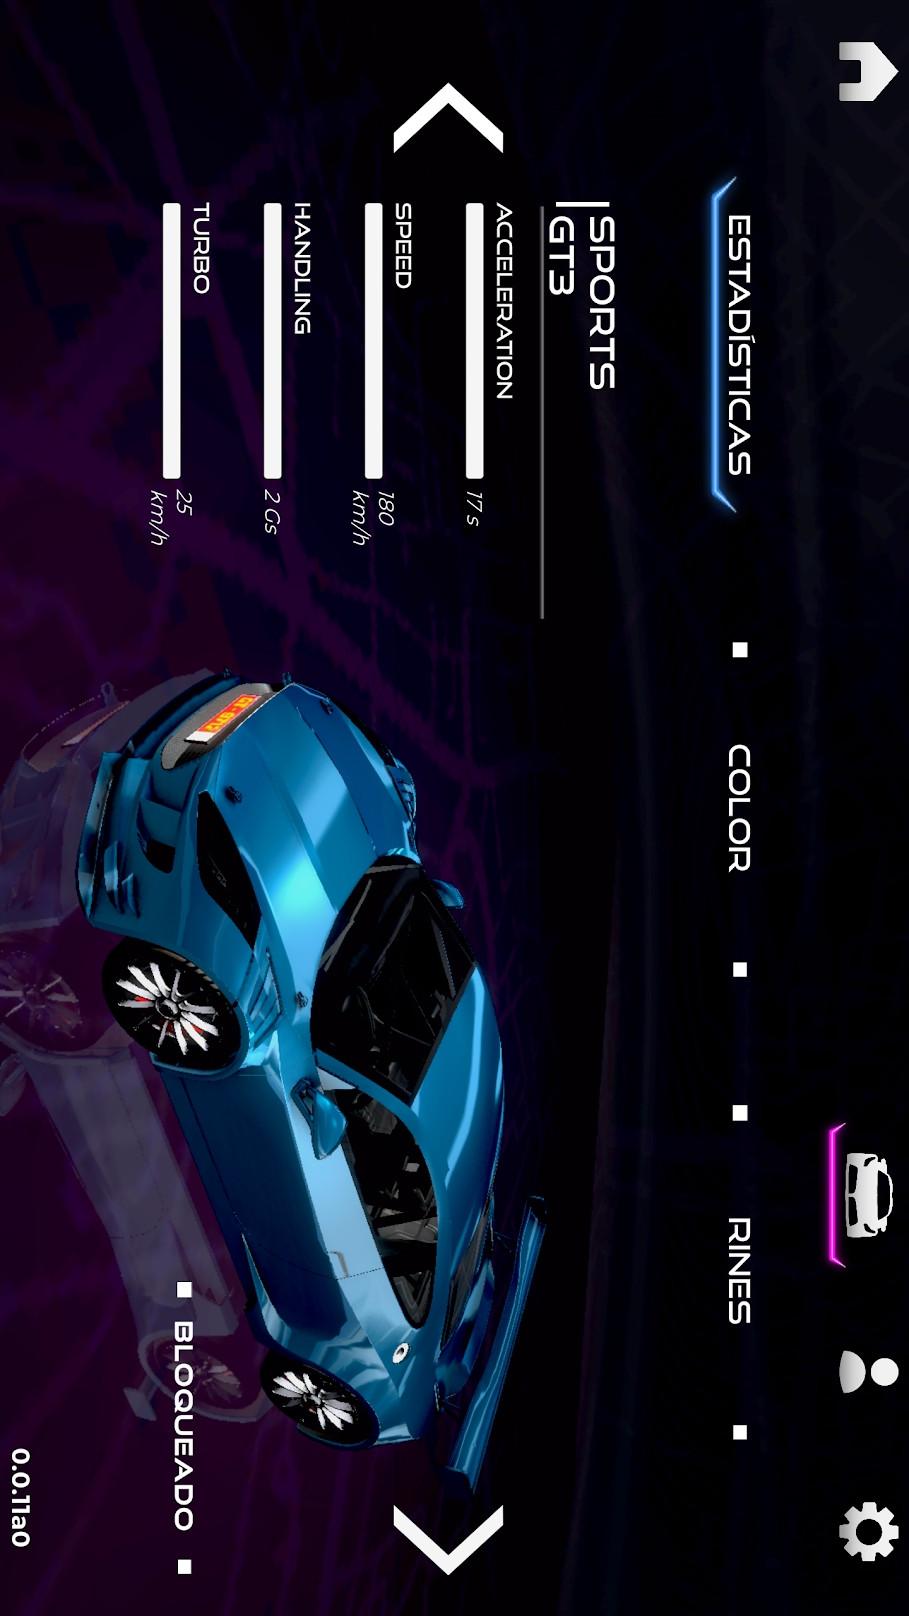 格塔赛车游戏截图